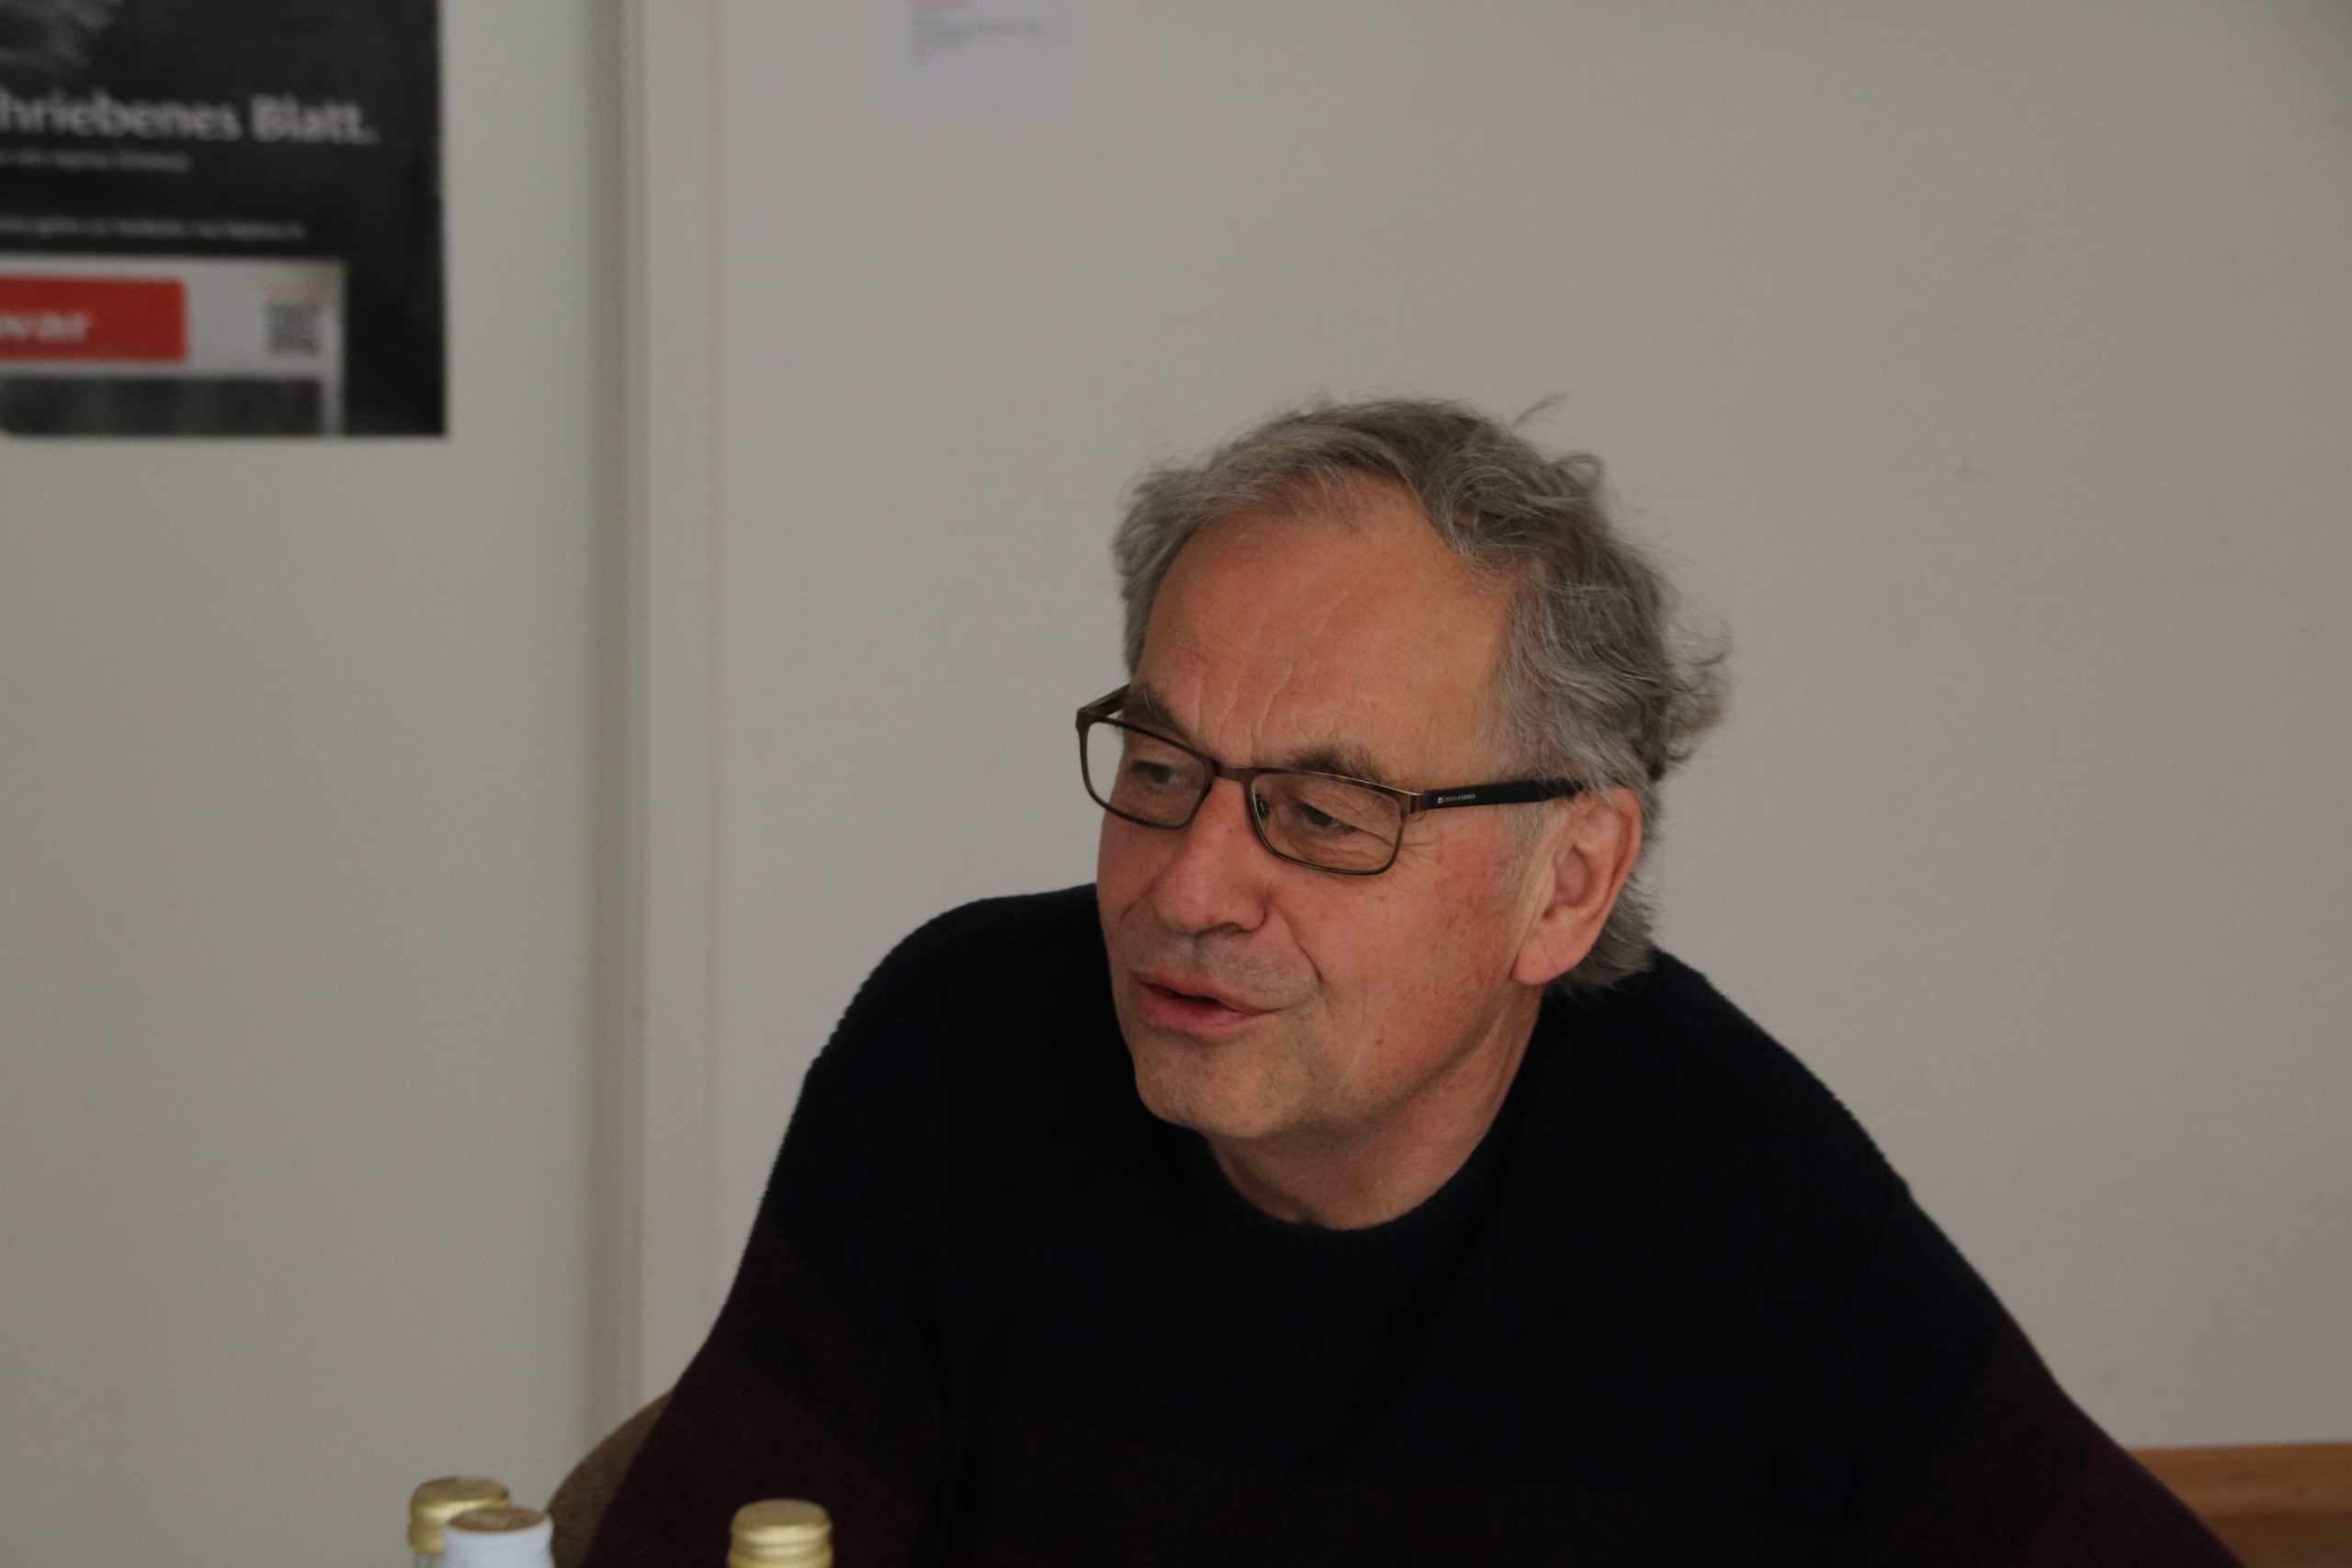 Dieter Reicherter zum Interview bei Trott-war